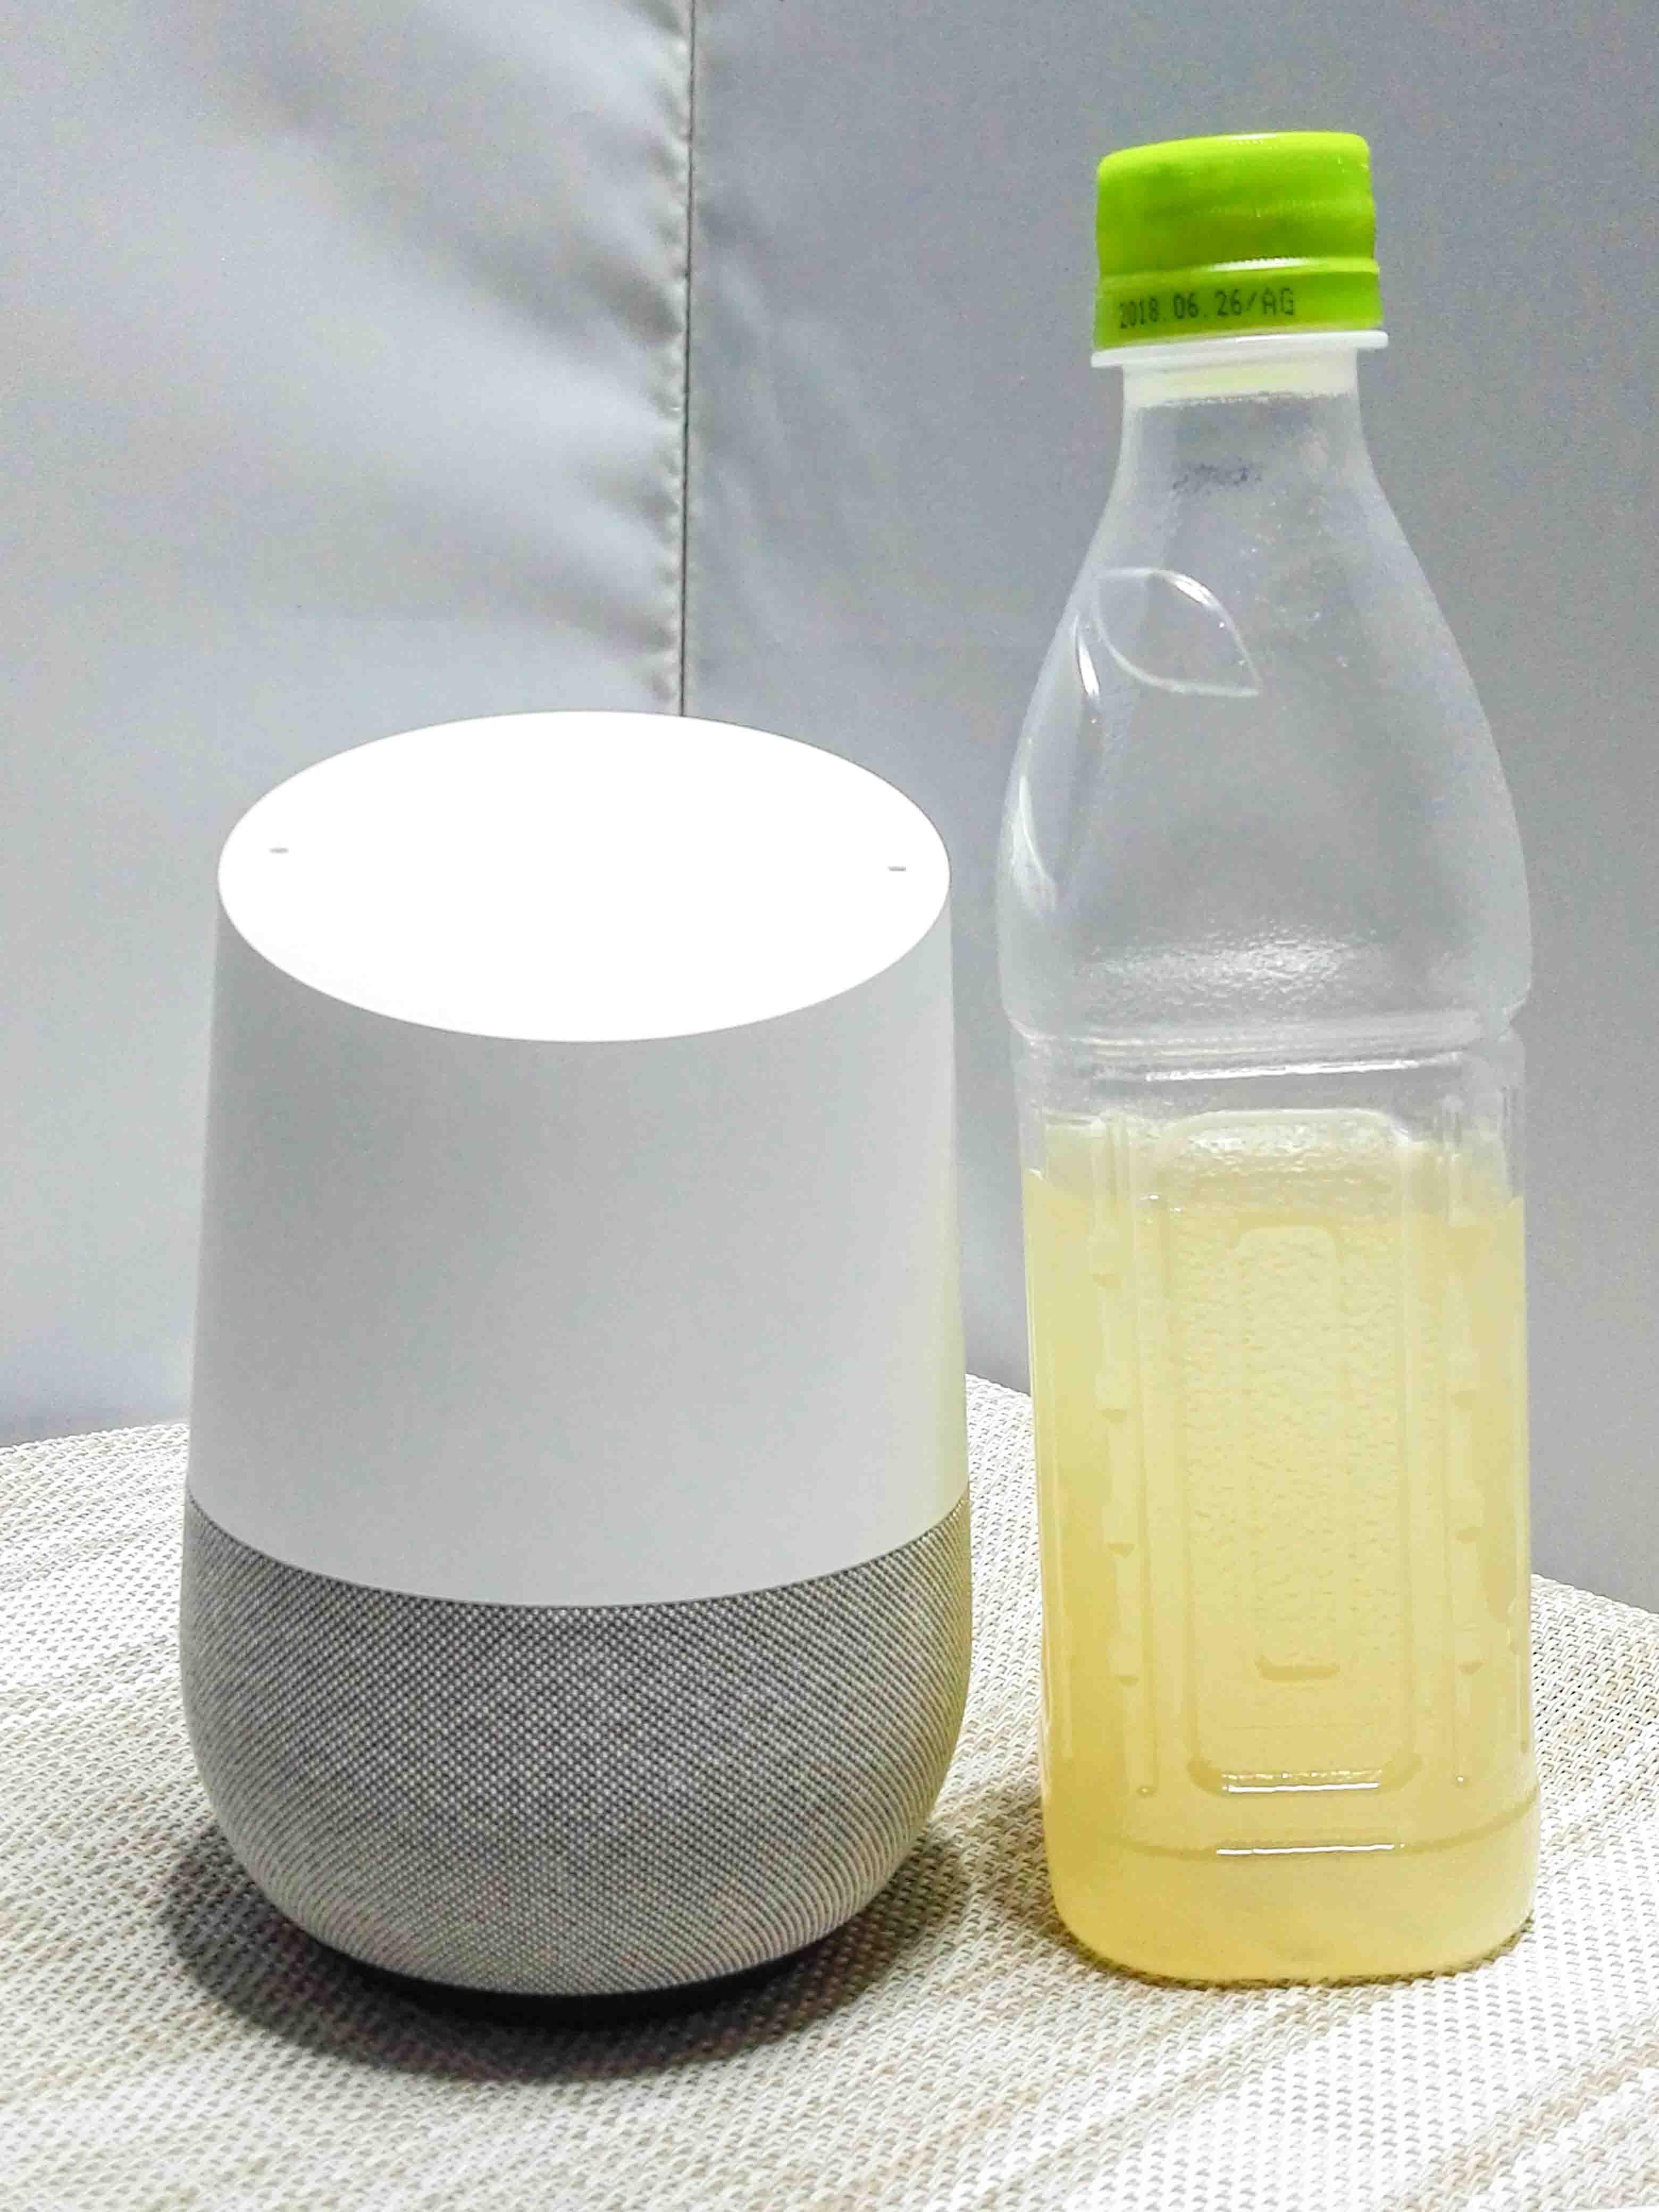 音も反応も良い!可愛いスマートスピーカー『Google Home』レビュー